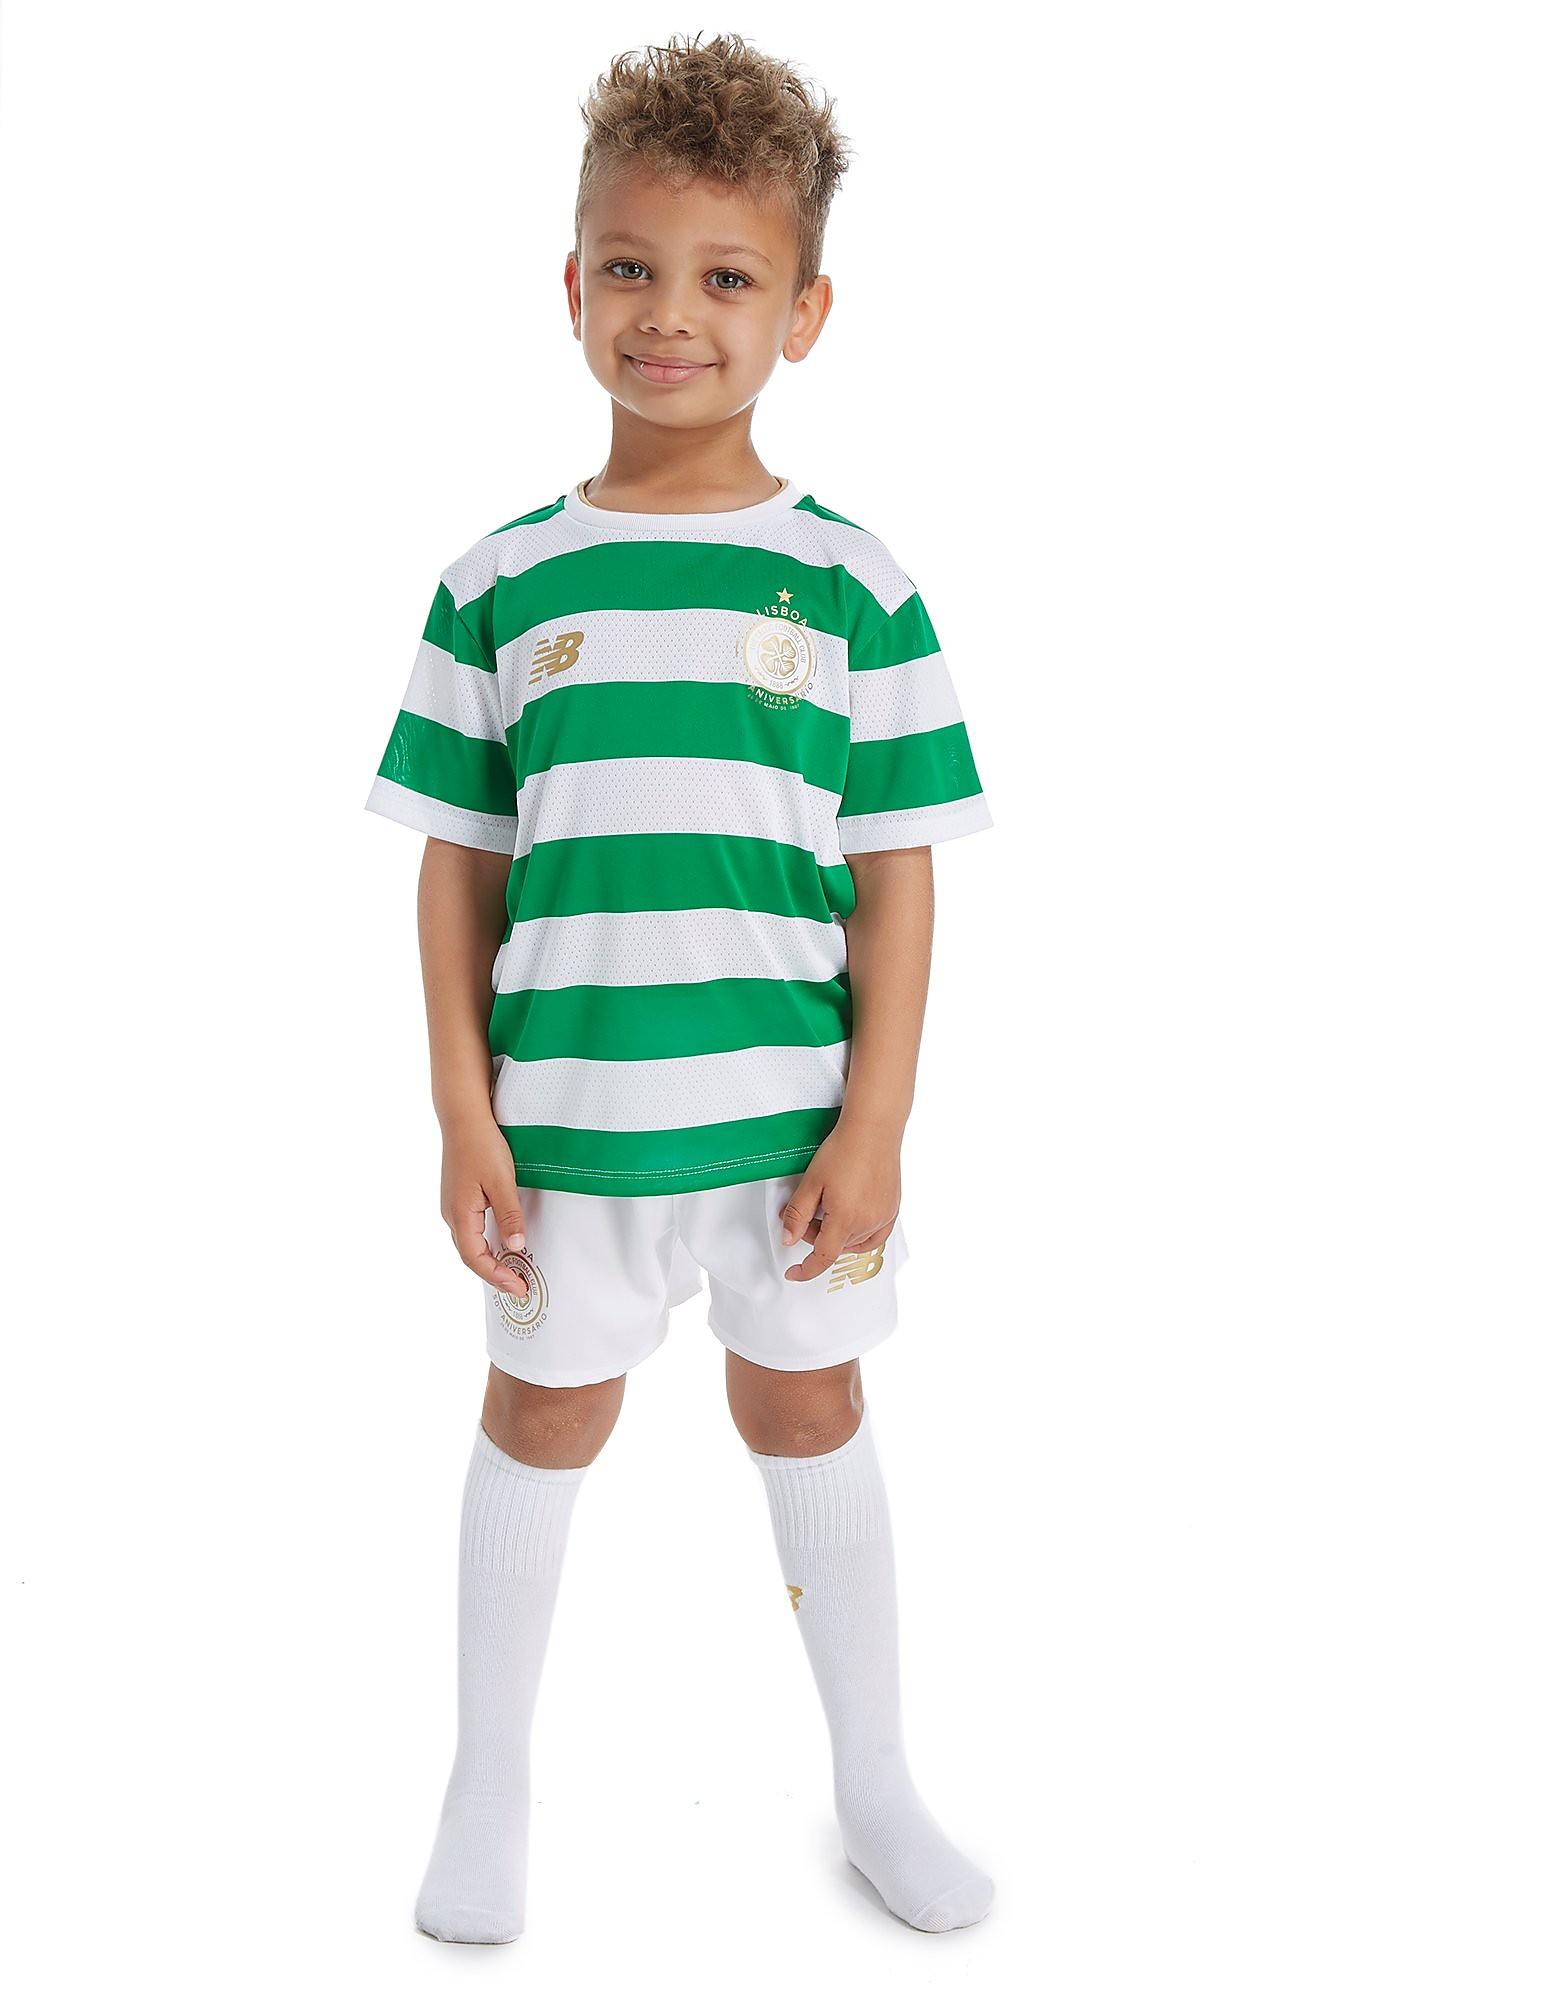 New Balance Celtic FC 2017/18 Home Kit Children